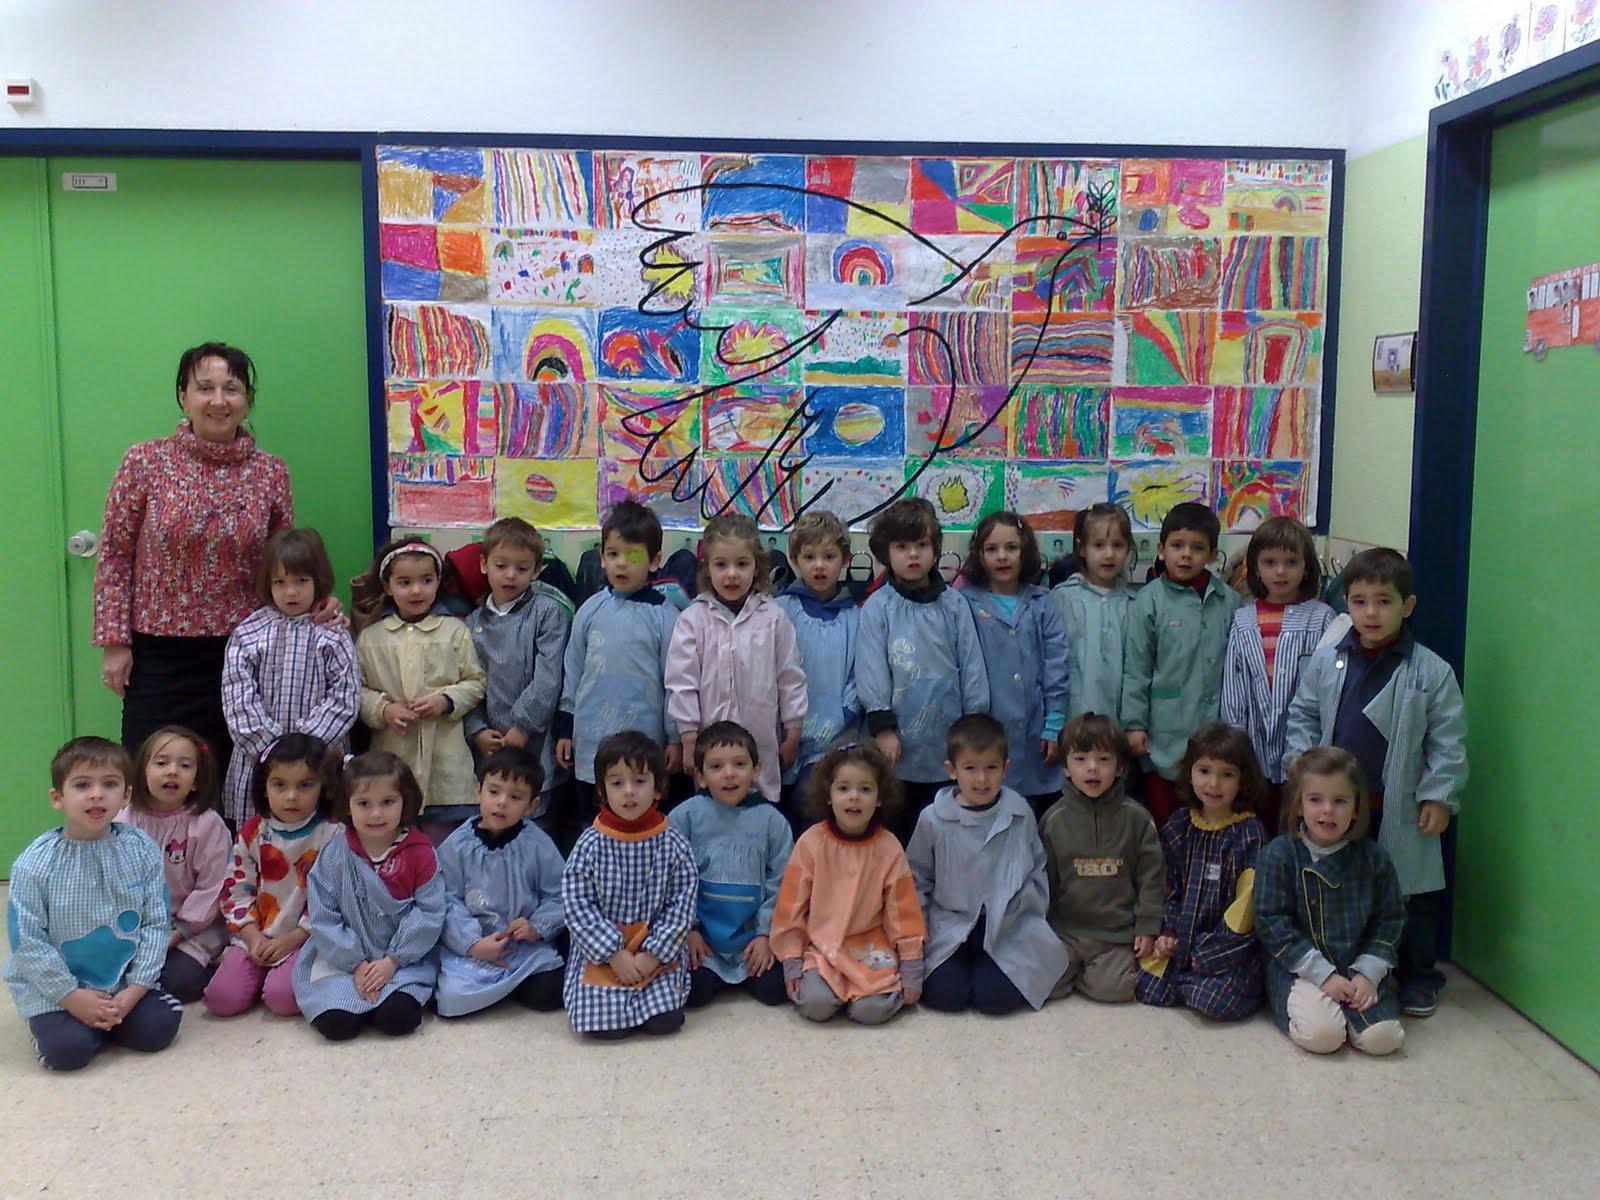 Amiguitos de infantil for Amiguitos del jardin